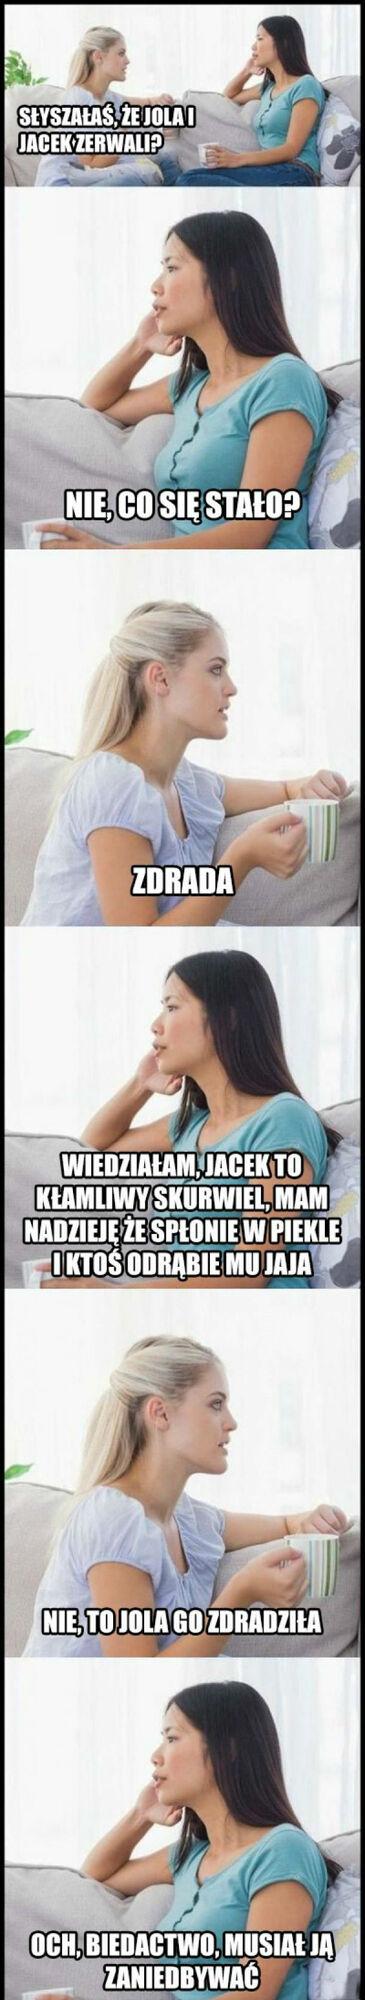 Zdrada